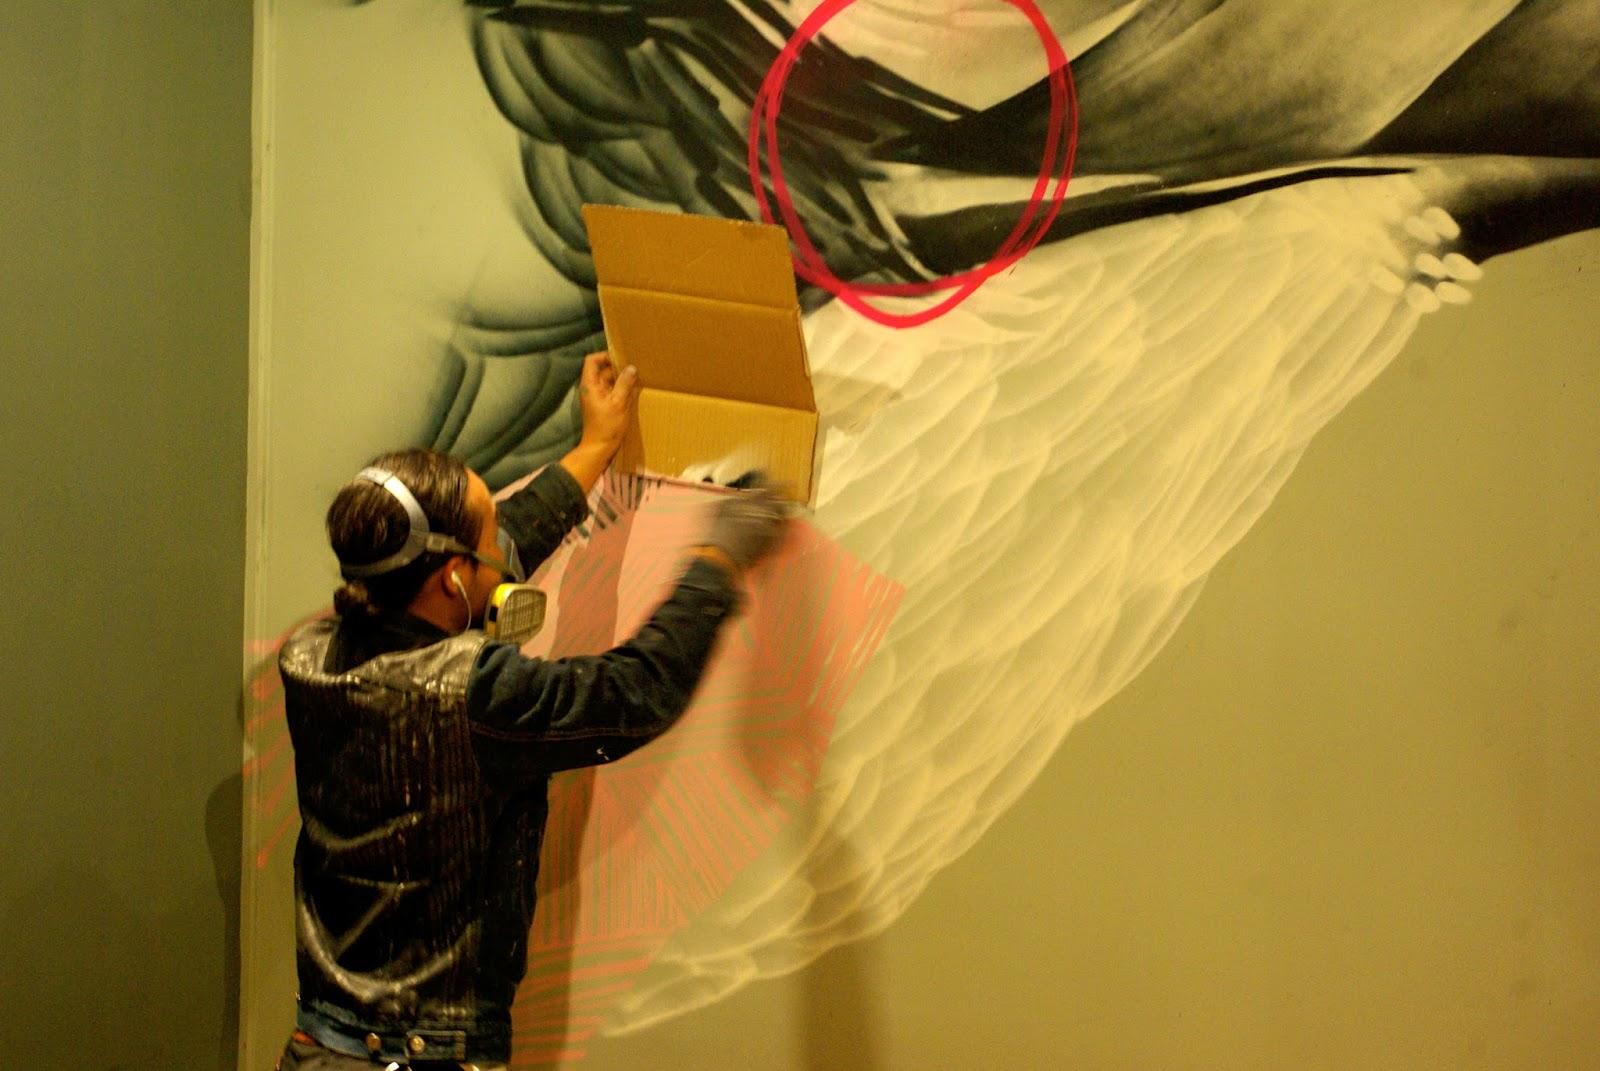 twoone-a-series-of-murals-in-nagoya-japan-06